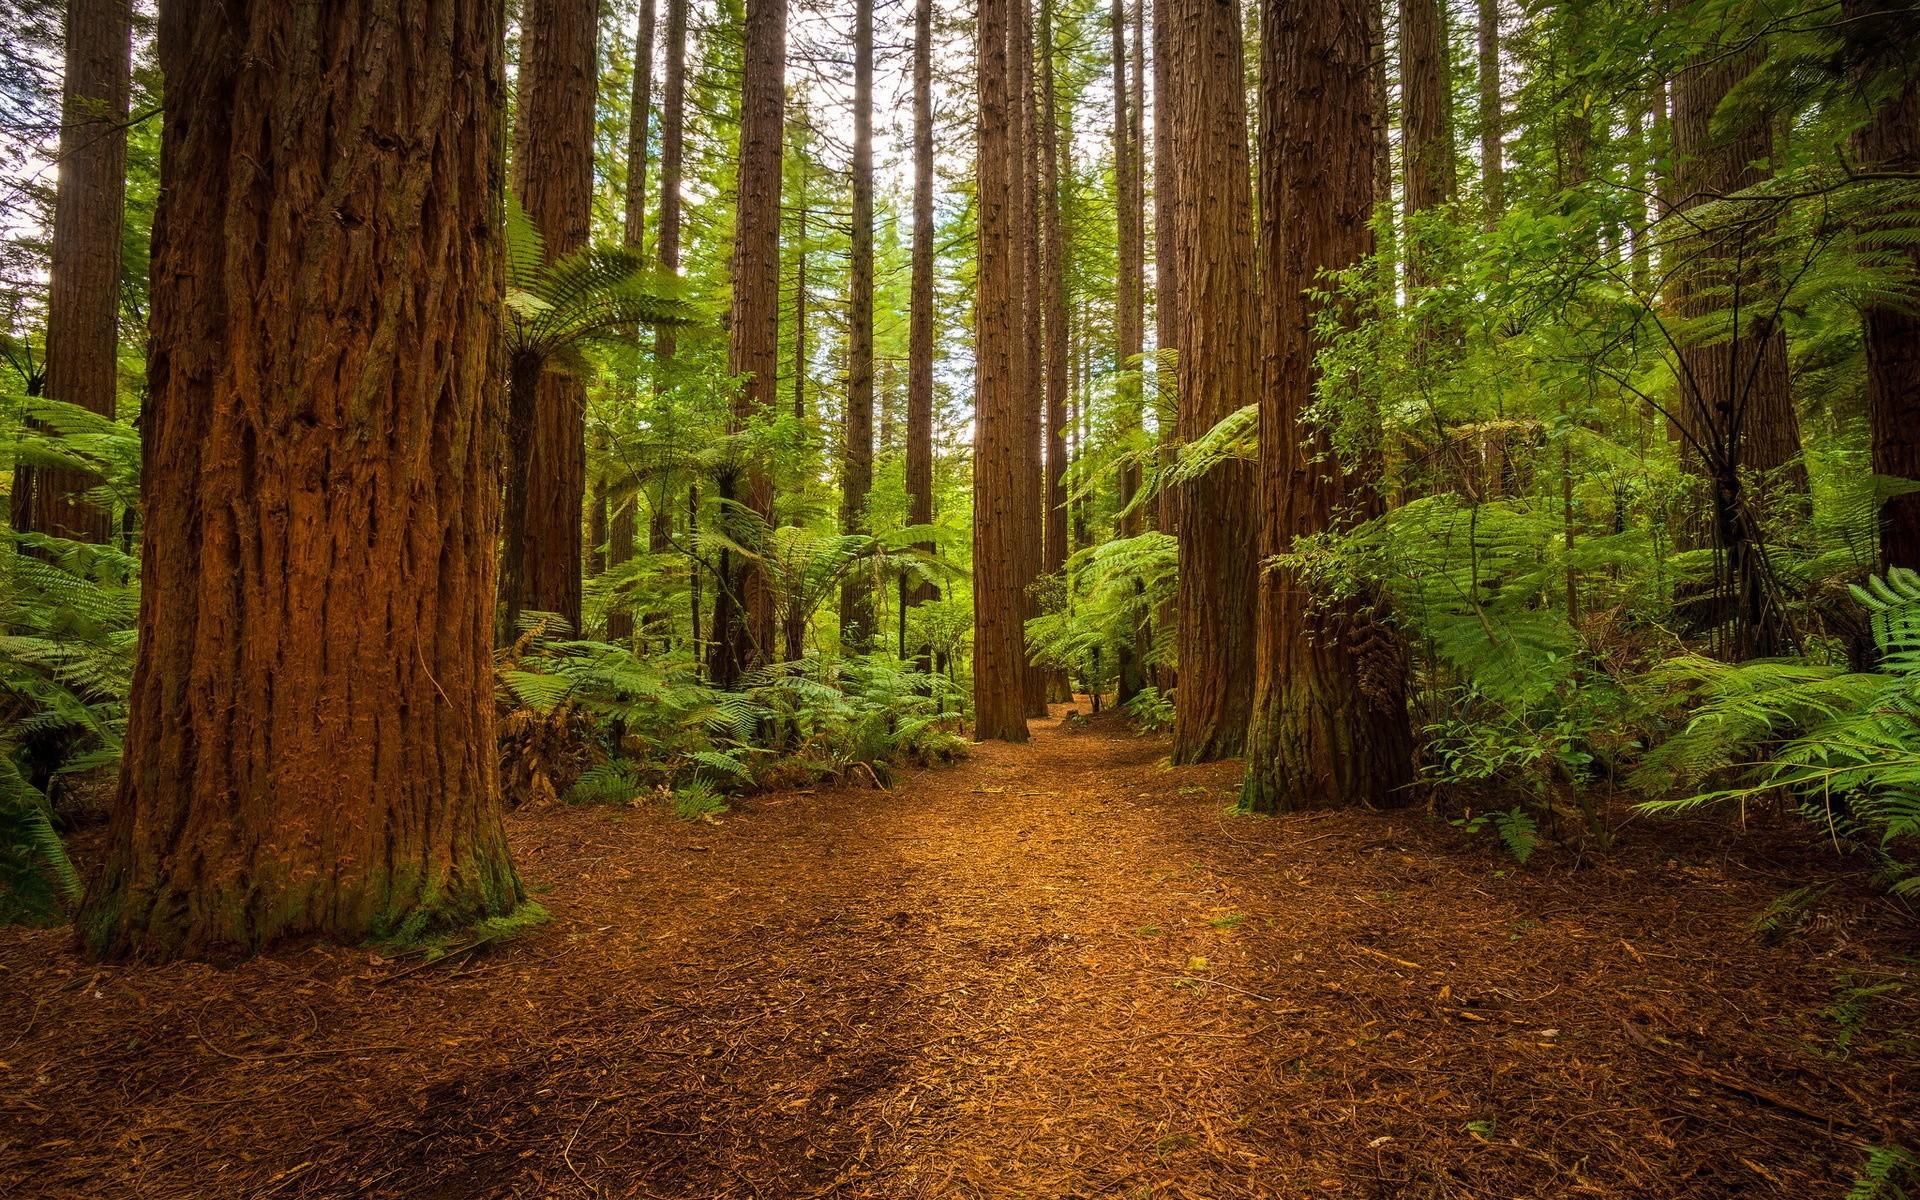 этой картинки разного леса где станете обладателем